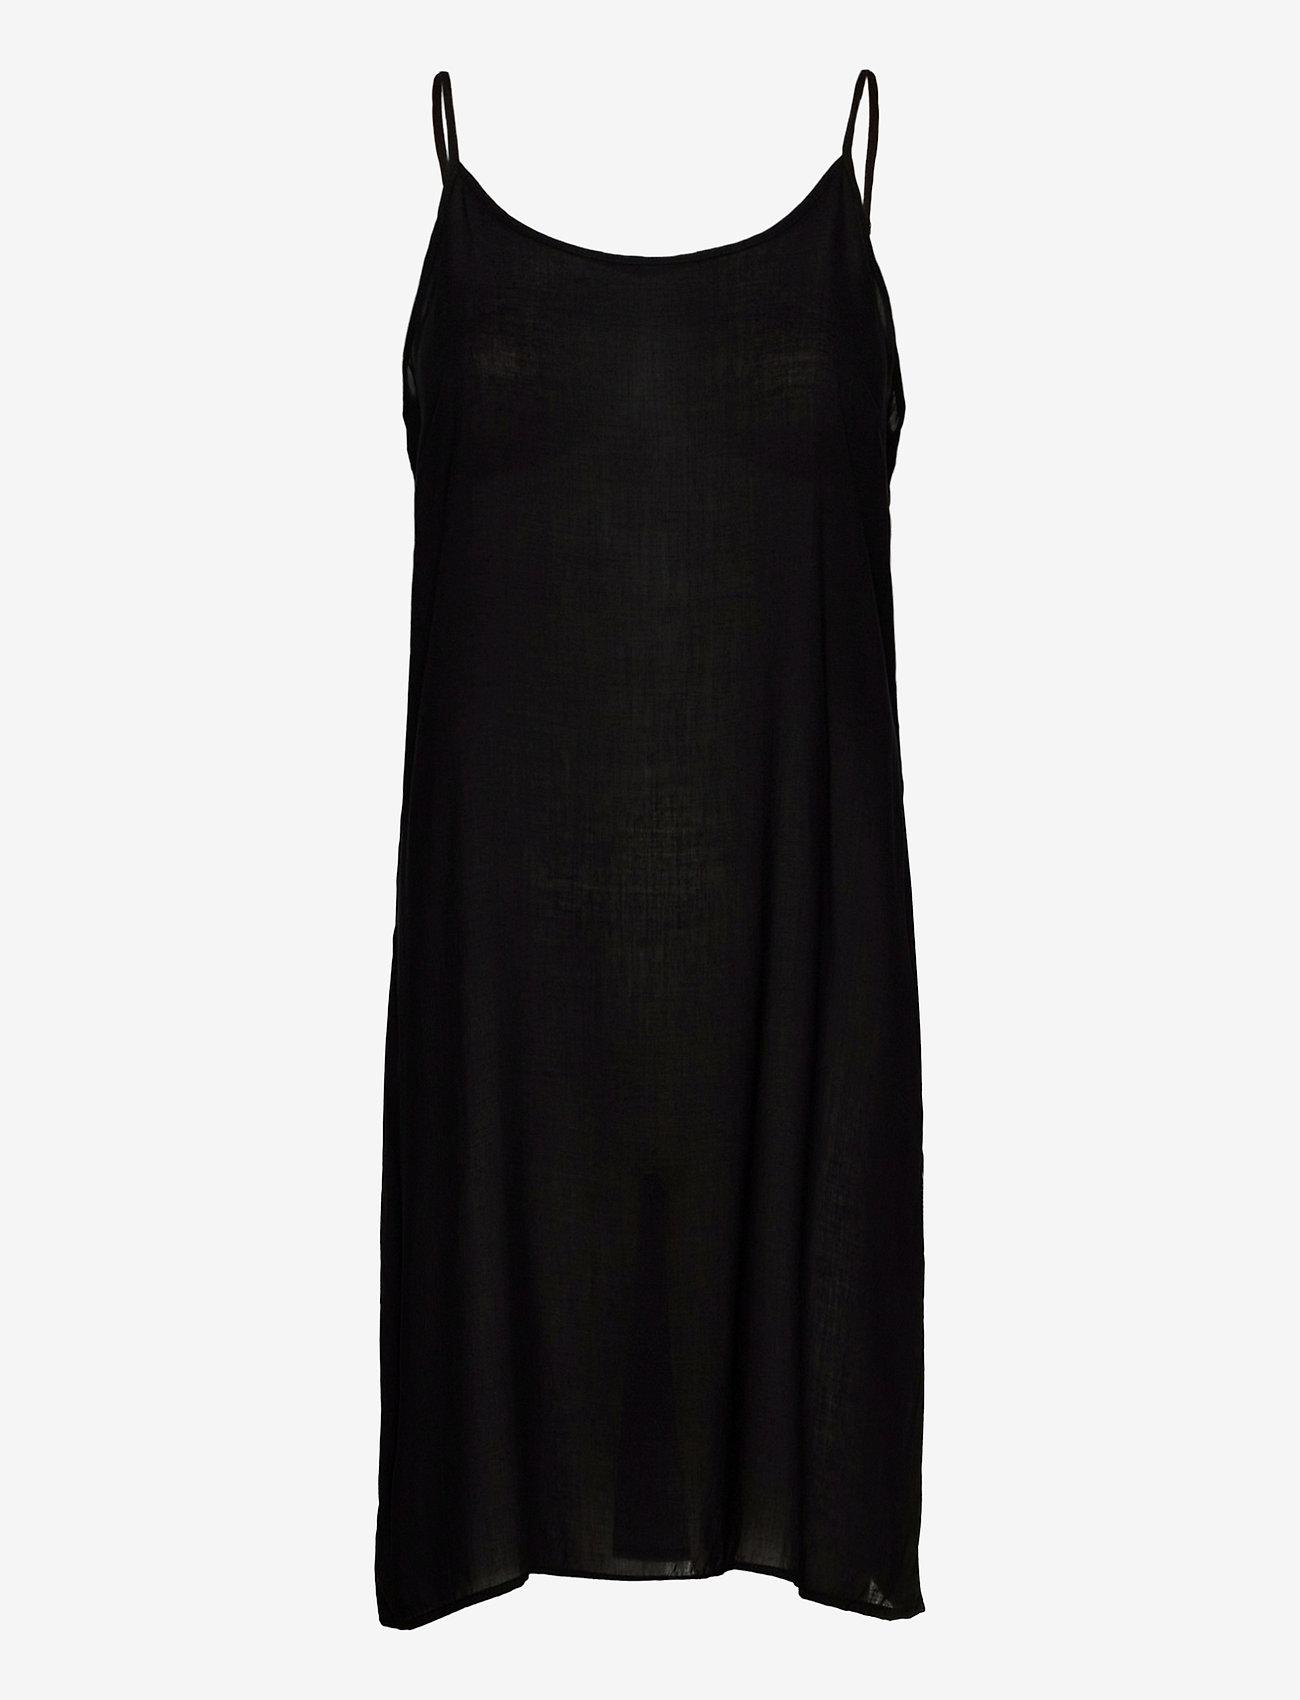 Chippykb Dress   - Karen By Simonsen -  Women's Dresses New